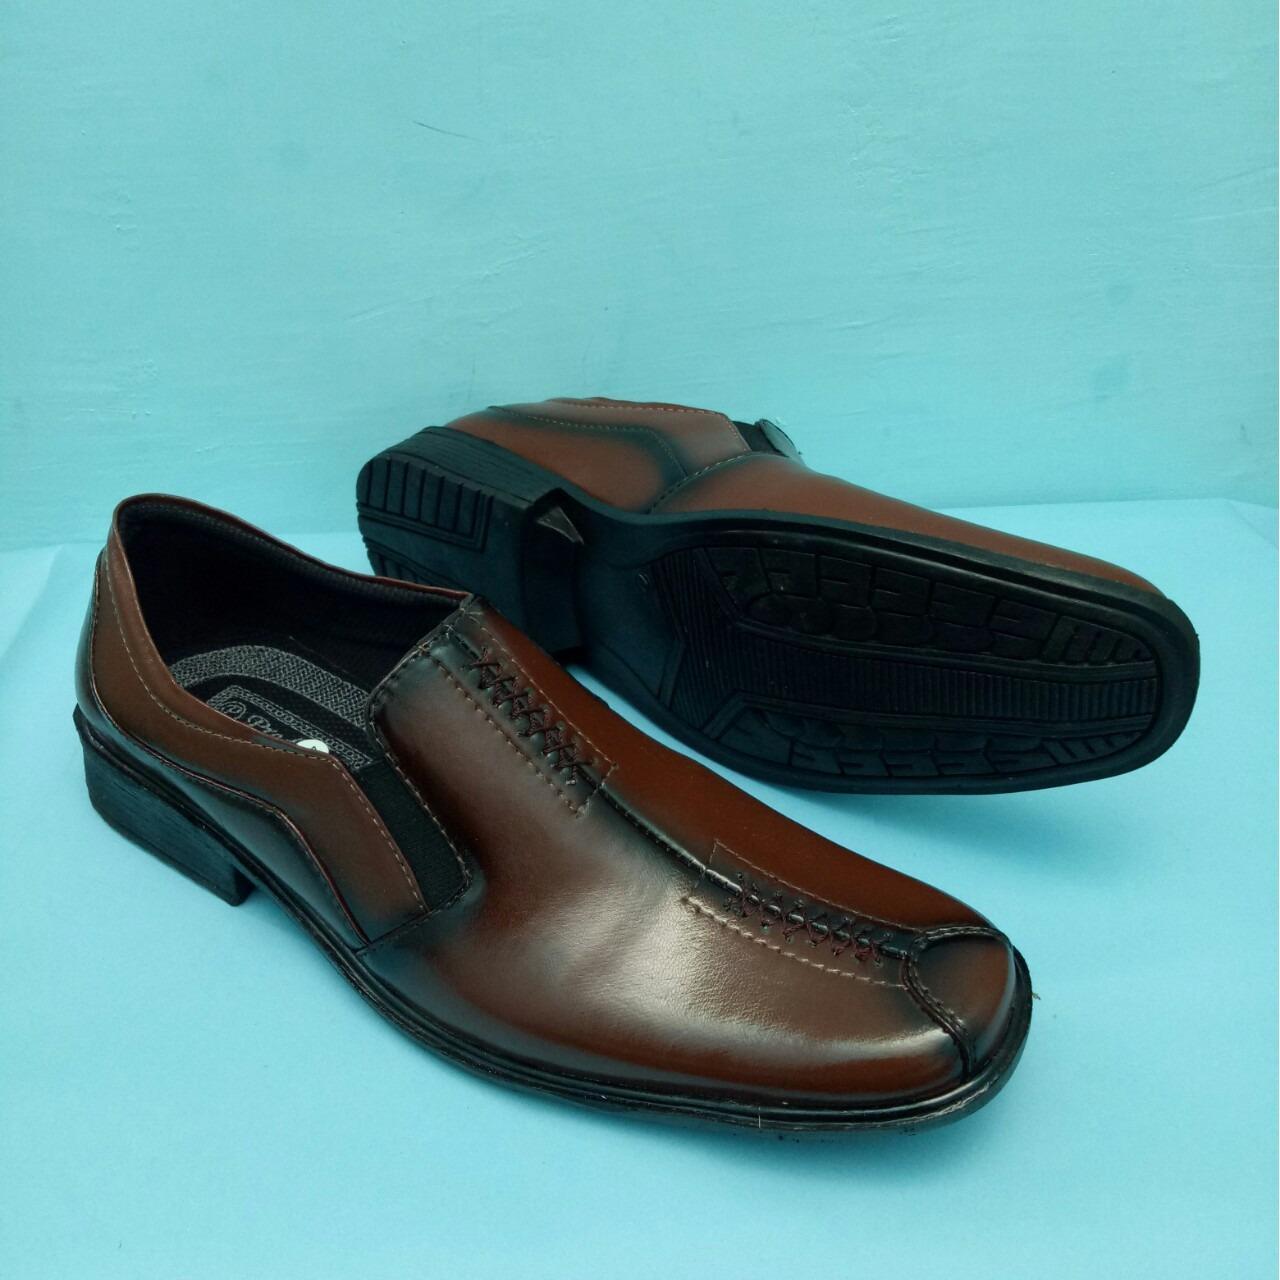 Handymen Ps 02 Sepatu Pria Hitam Daftar Harga Terbaru Terlengkap Sf Jenis  Laki Dan Model Perempuan d97ae0bd05